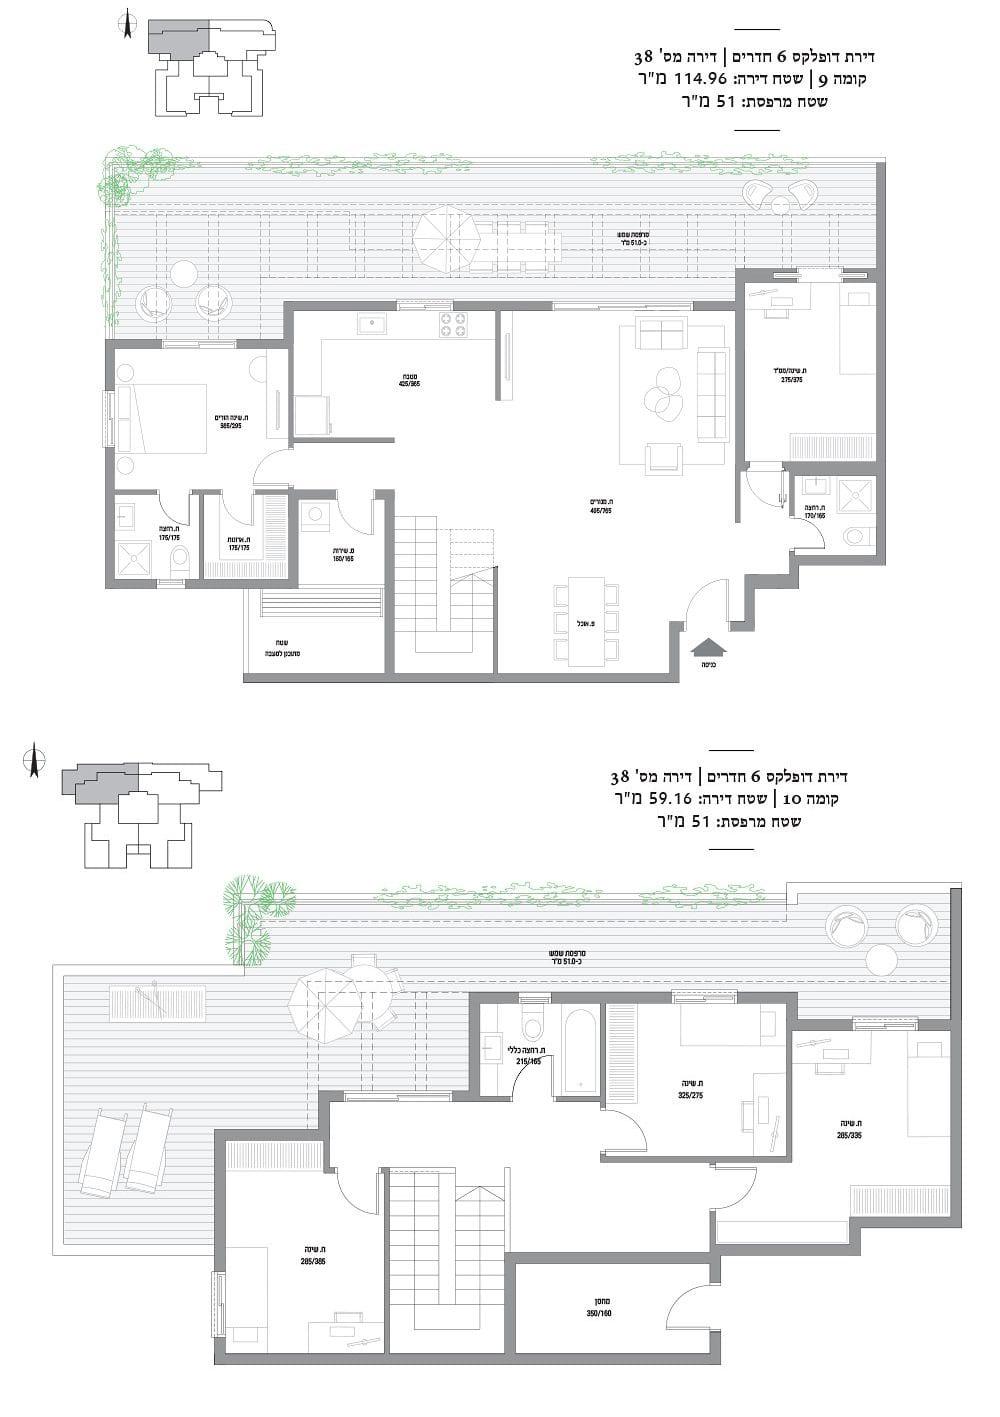 דופלקס 6 חדרים מספר 38: קומות 9-10